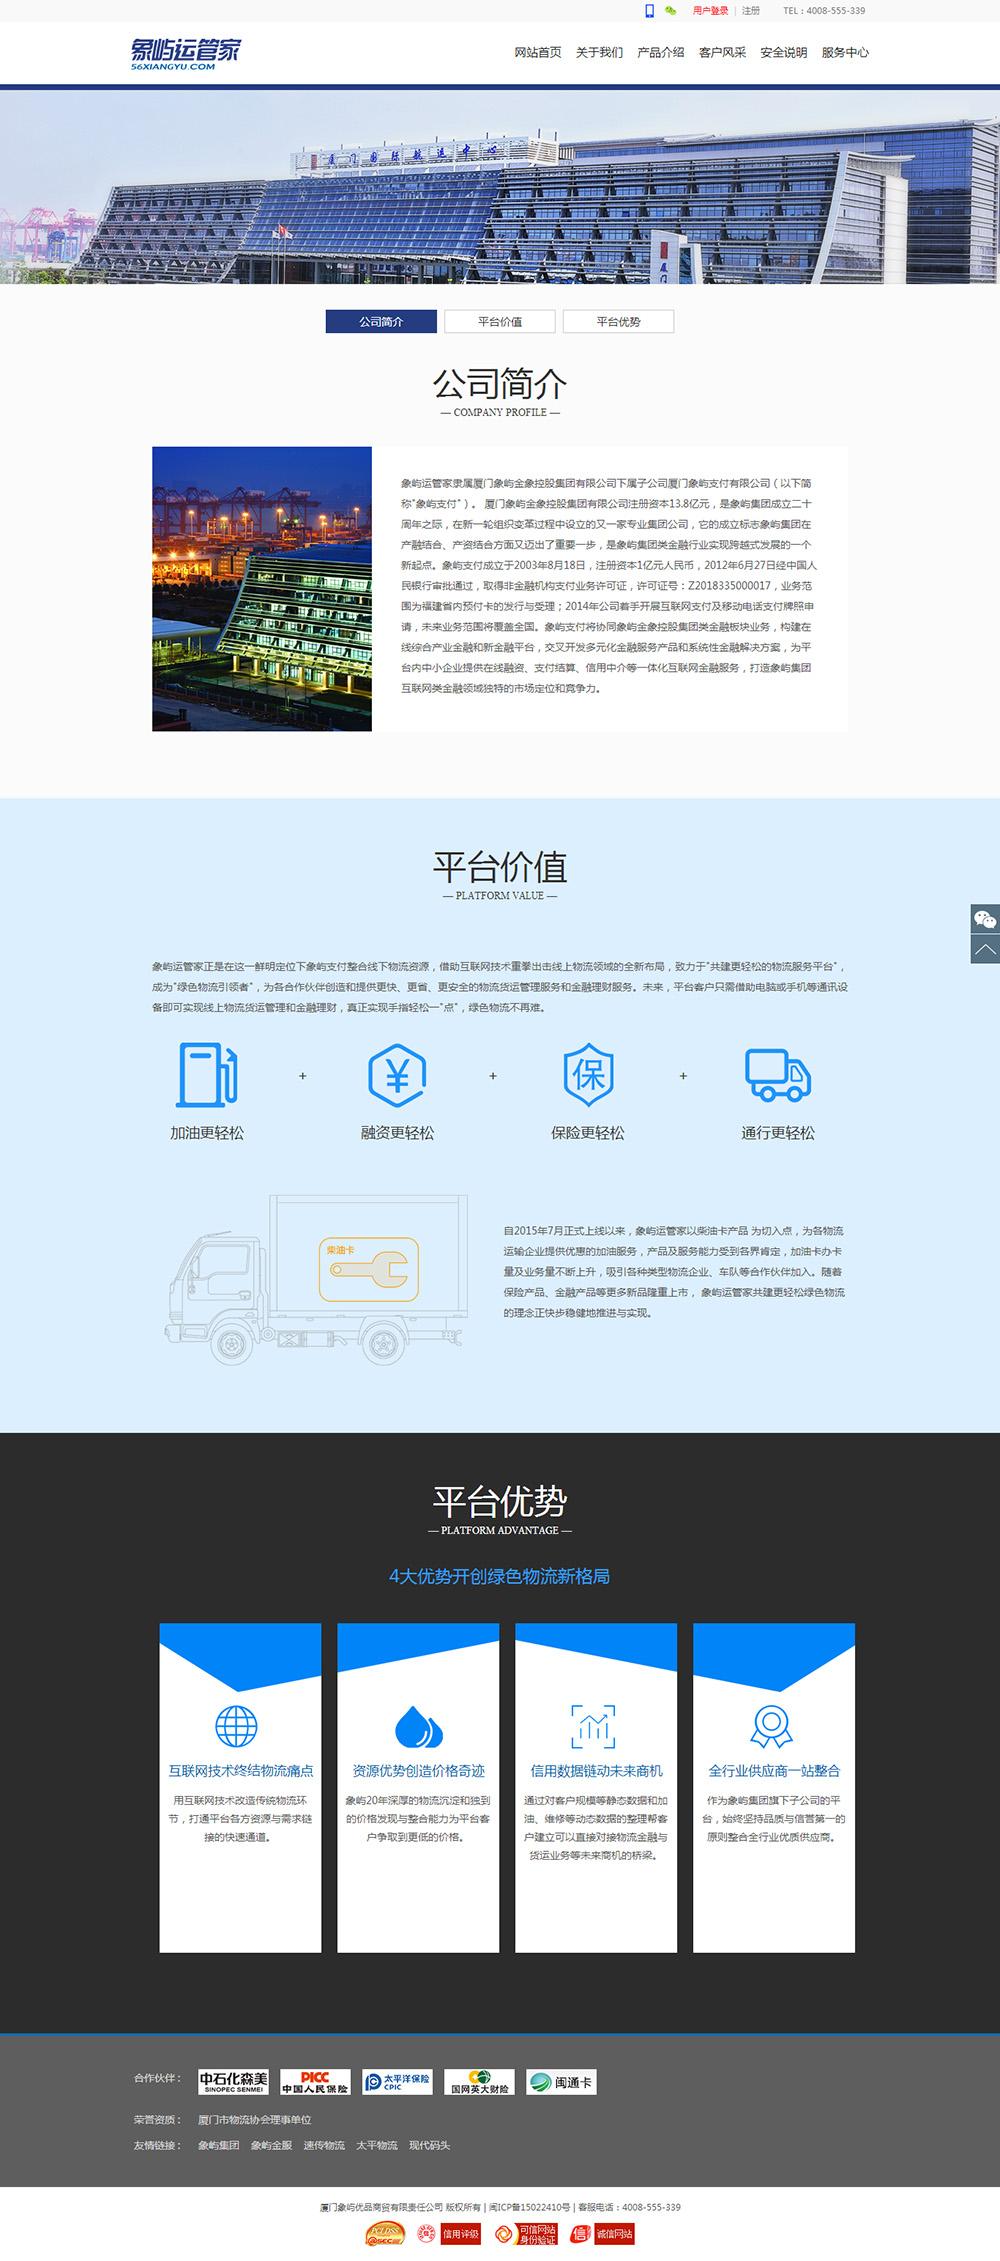 响应式网站设计